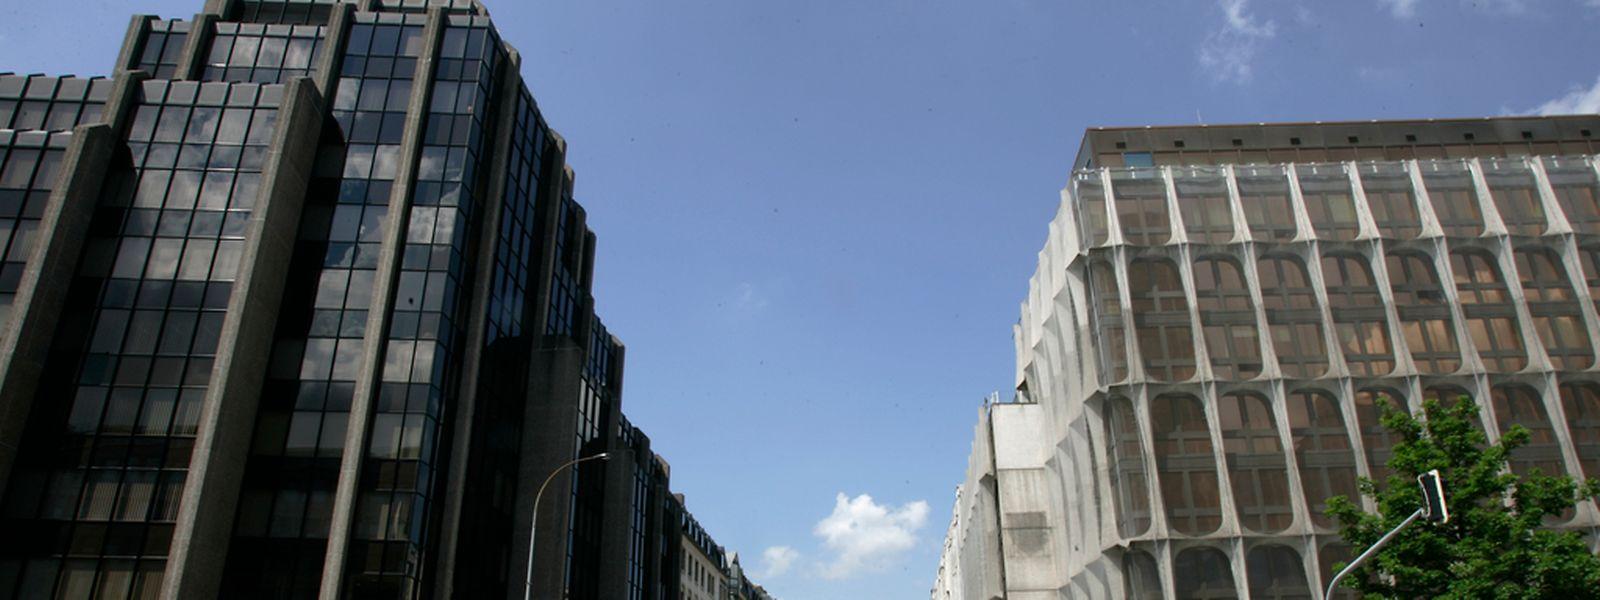 Als Hauptgrund für die schwache Entwicklung der luxemburgischen Wirtschaft nennt die OECD den Wegfall der Mehrwertsteuereinnahmen aus dem E-Commerce.